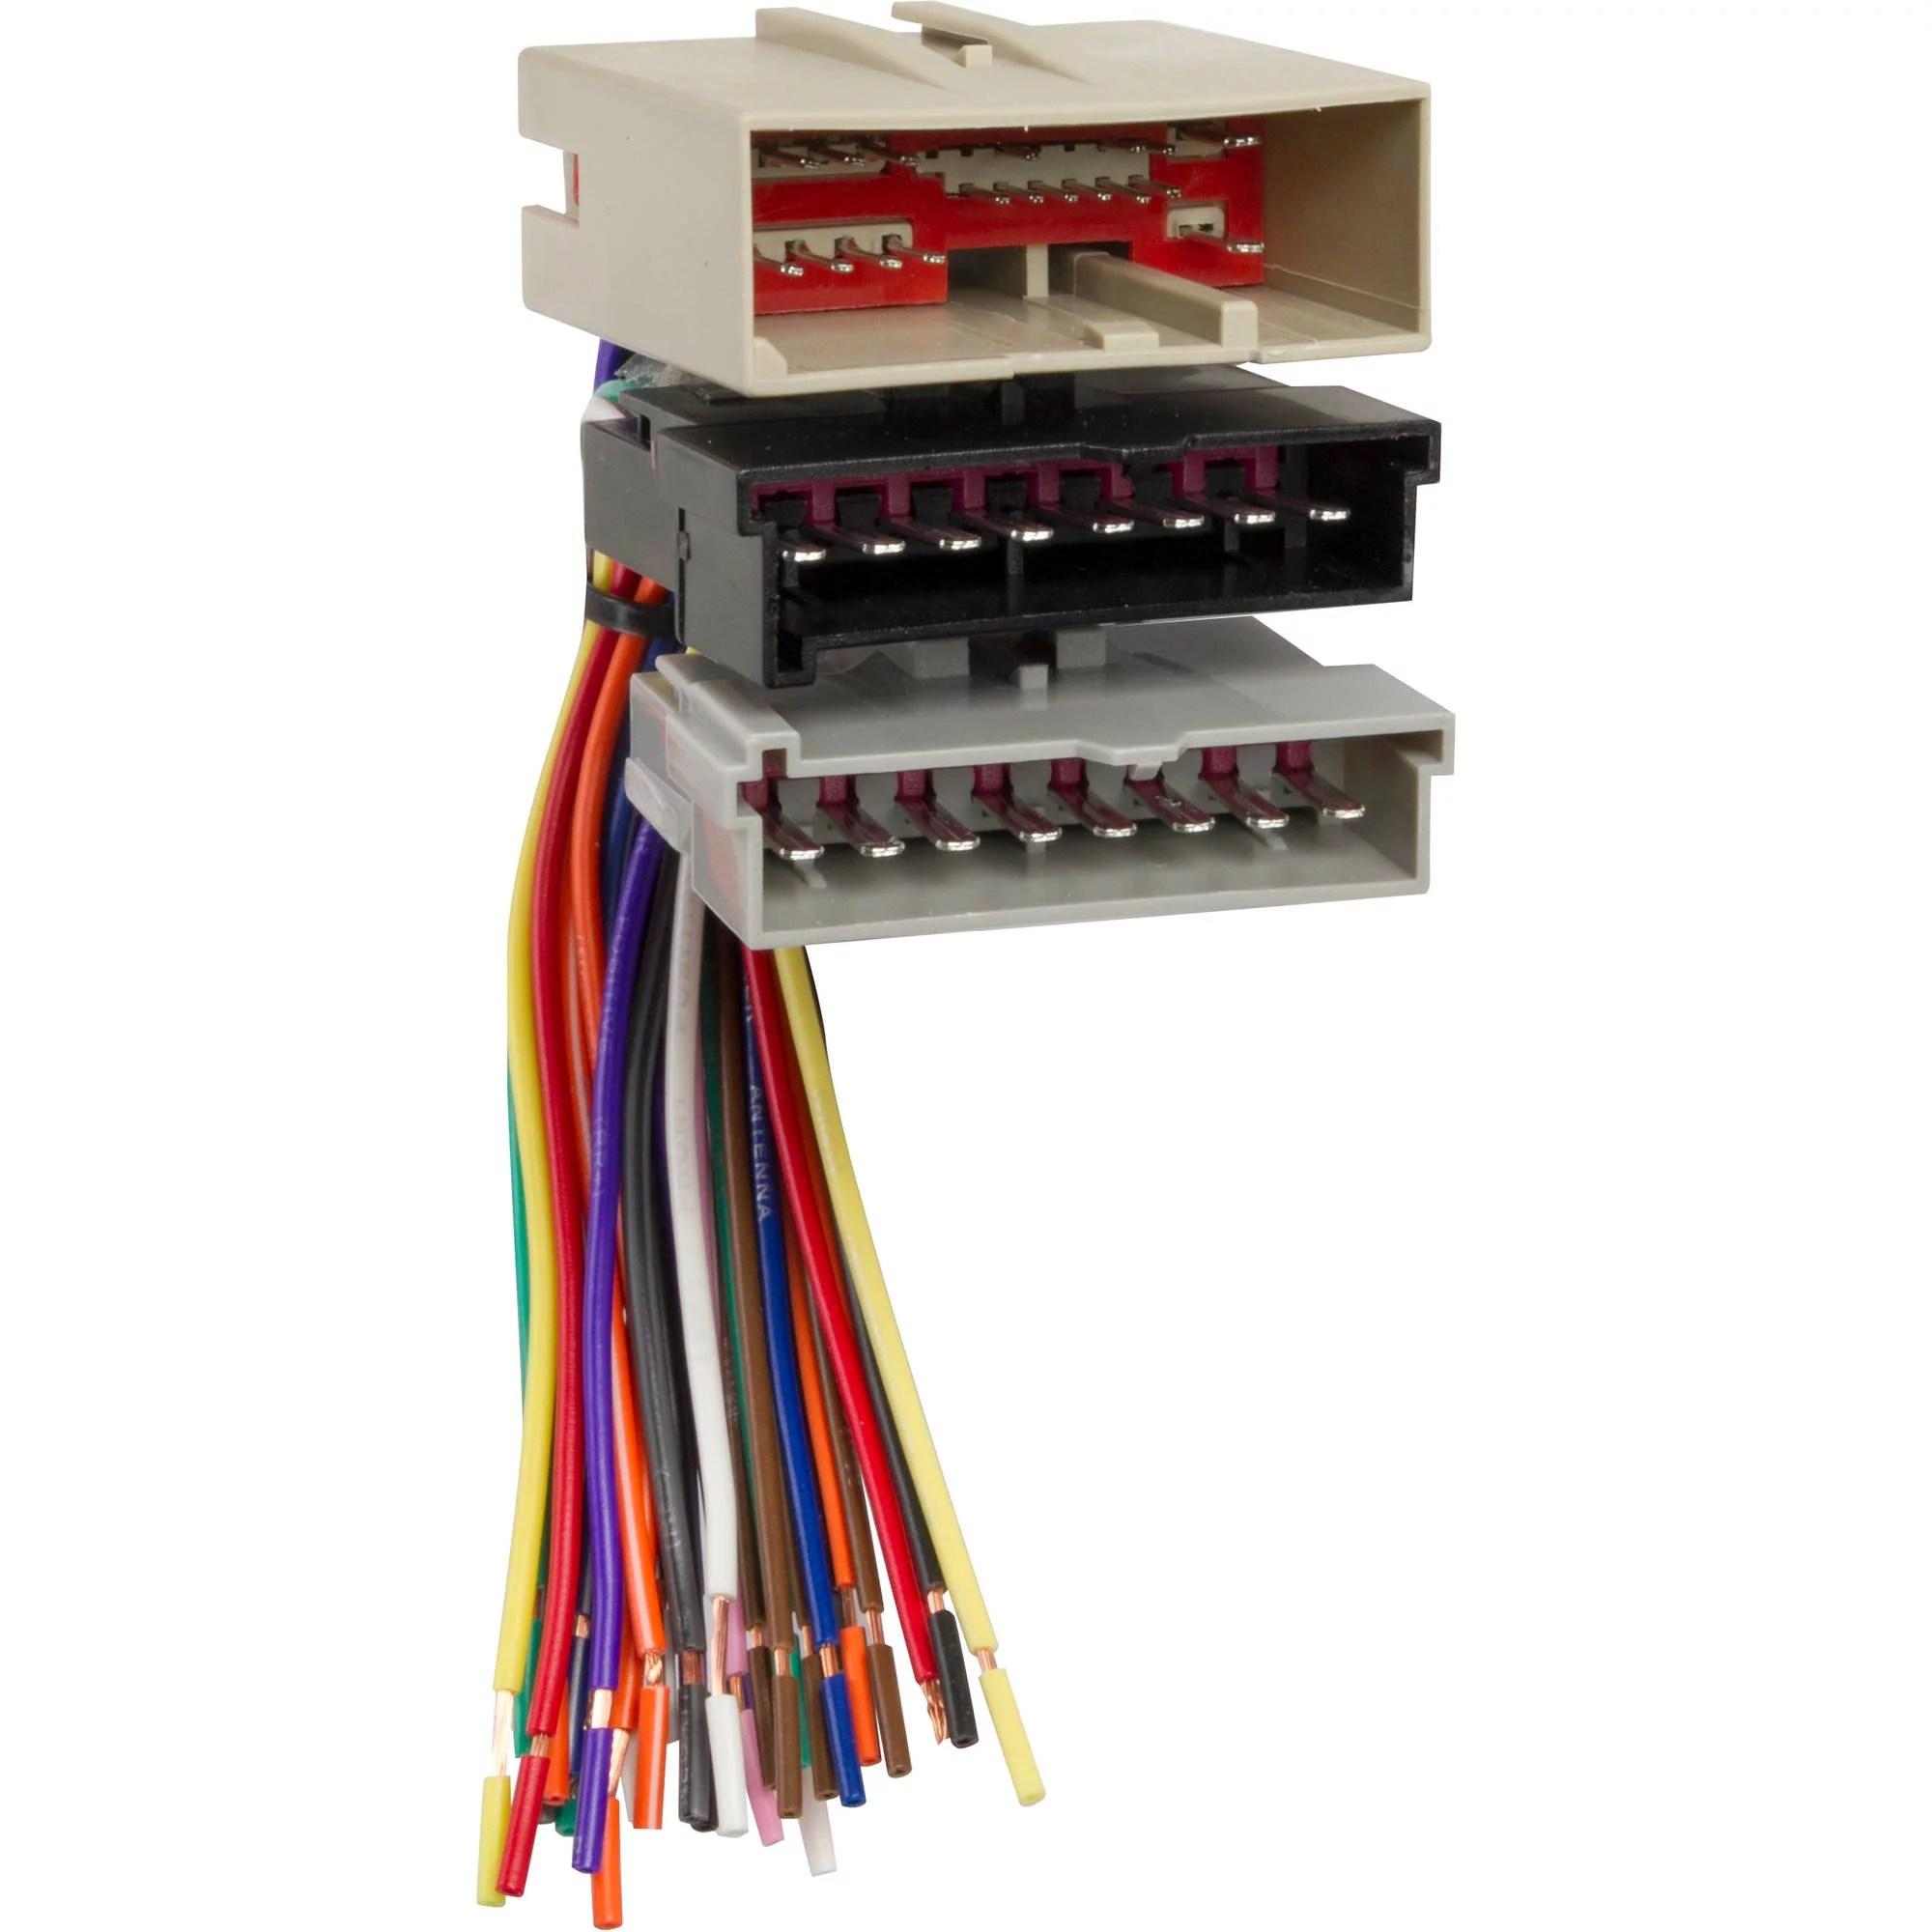 4d223522 fc27 4414 bdb9 7c6a8470e1f8_1.21ff8cf4dd1dc72cb16a6e959dcff671?resize\=665%2C665\&ssl\=1 scosche fd5000 wiring diagram lanzar wiring diagram \u2022 45 63 74 91 scosche fd 5000 wiring diagram at soozxer.org